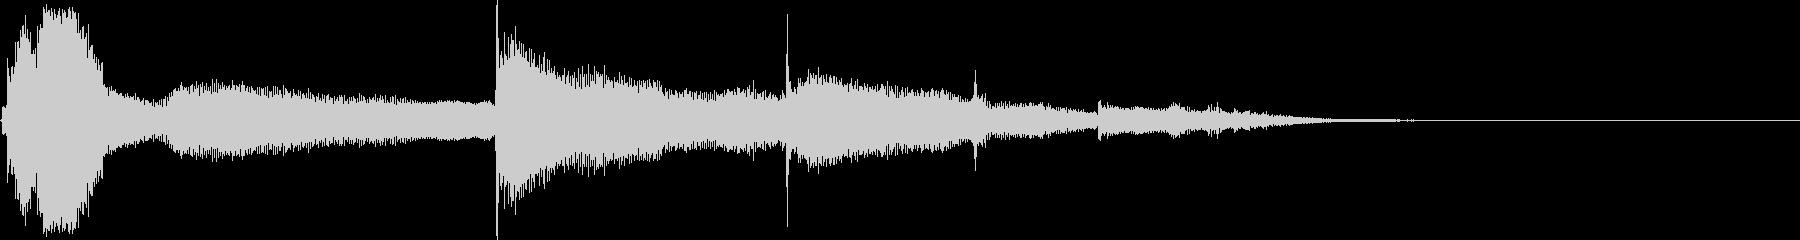 スモールメタルパイプ:ドロップトゥ...の未再生の波形